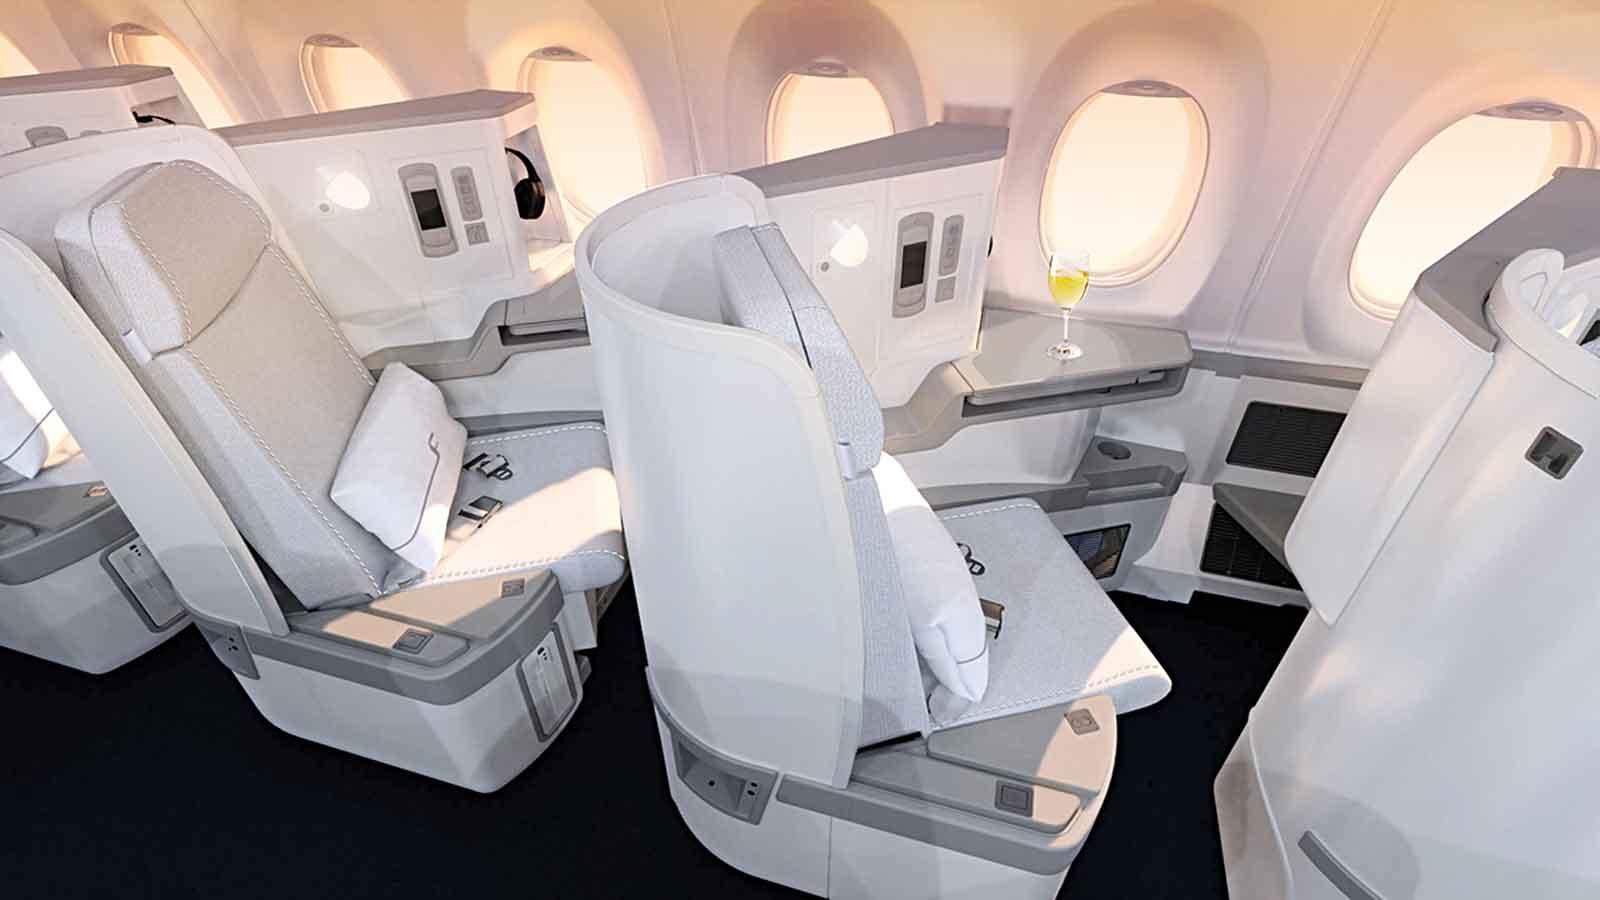 Finnair A350 Business Class Cabin Seats